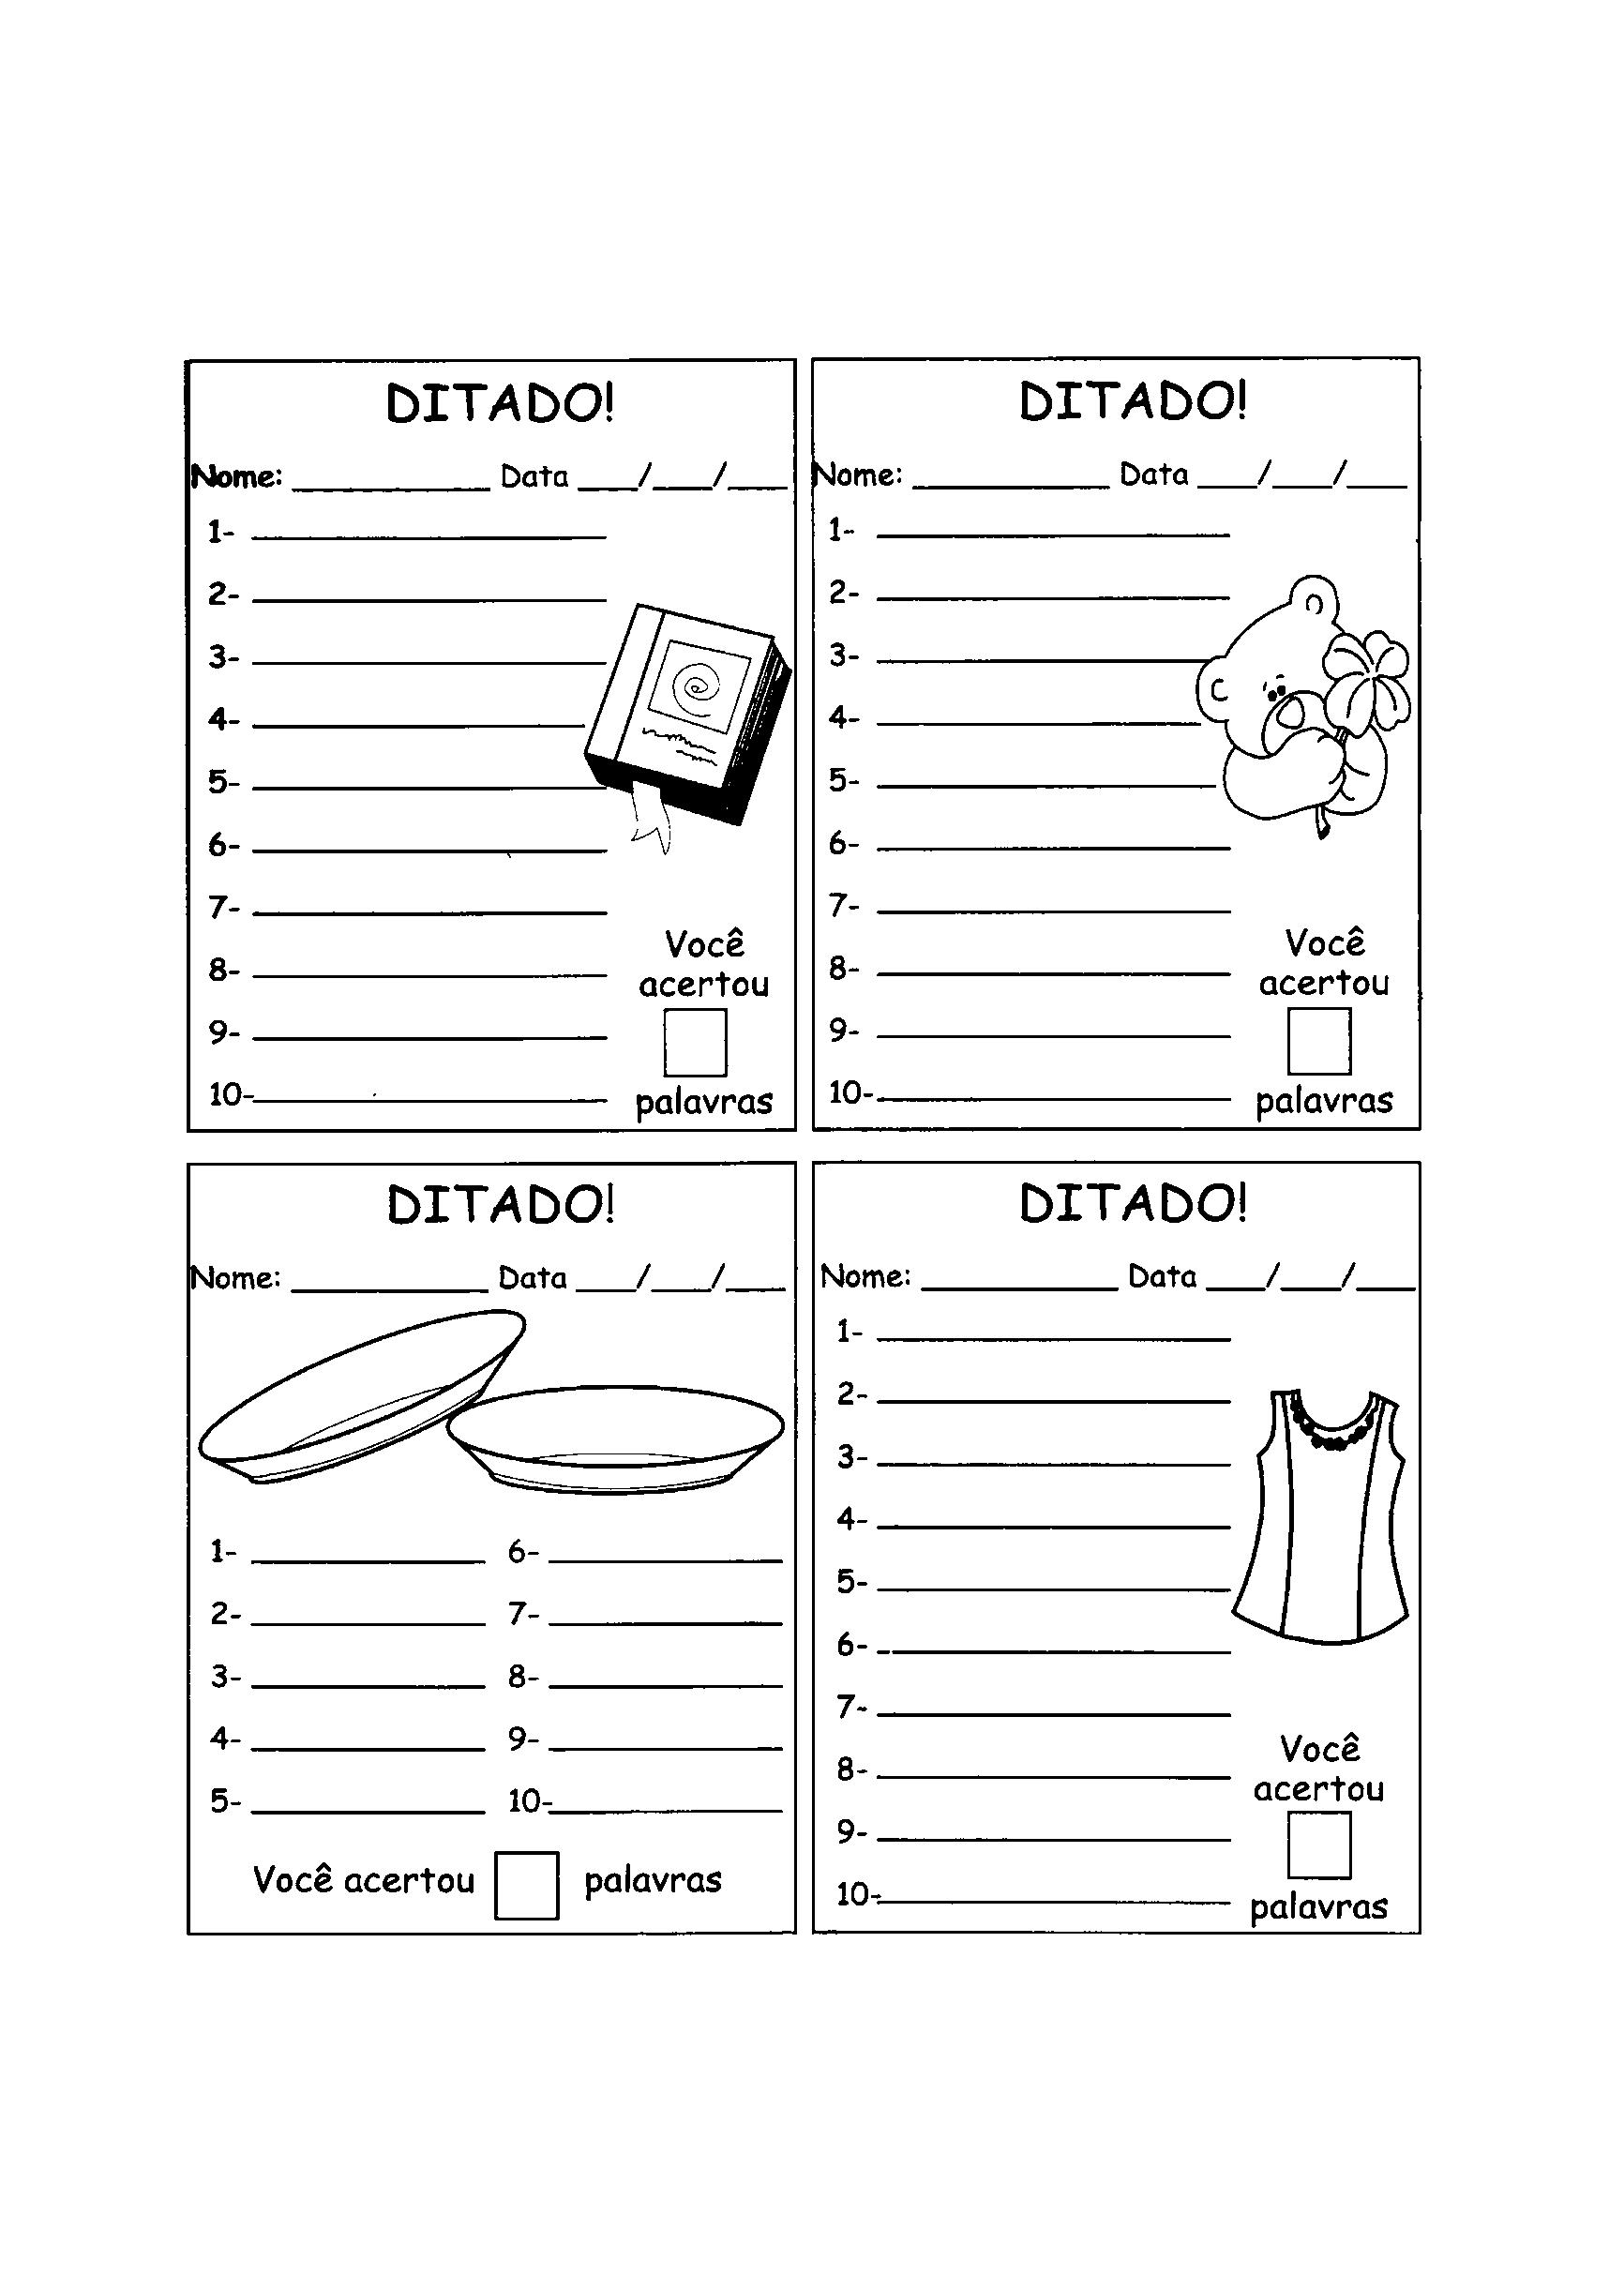 0130-ditado-fichas-livro-1